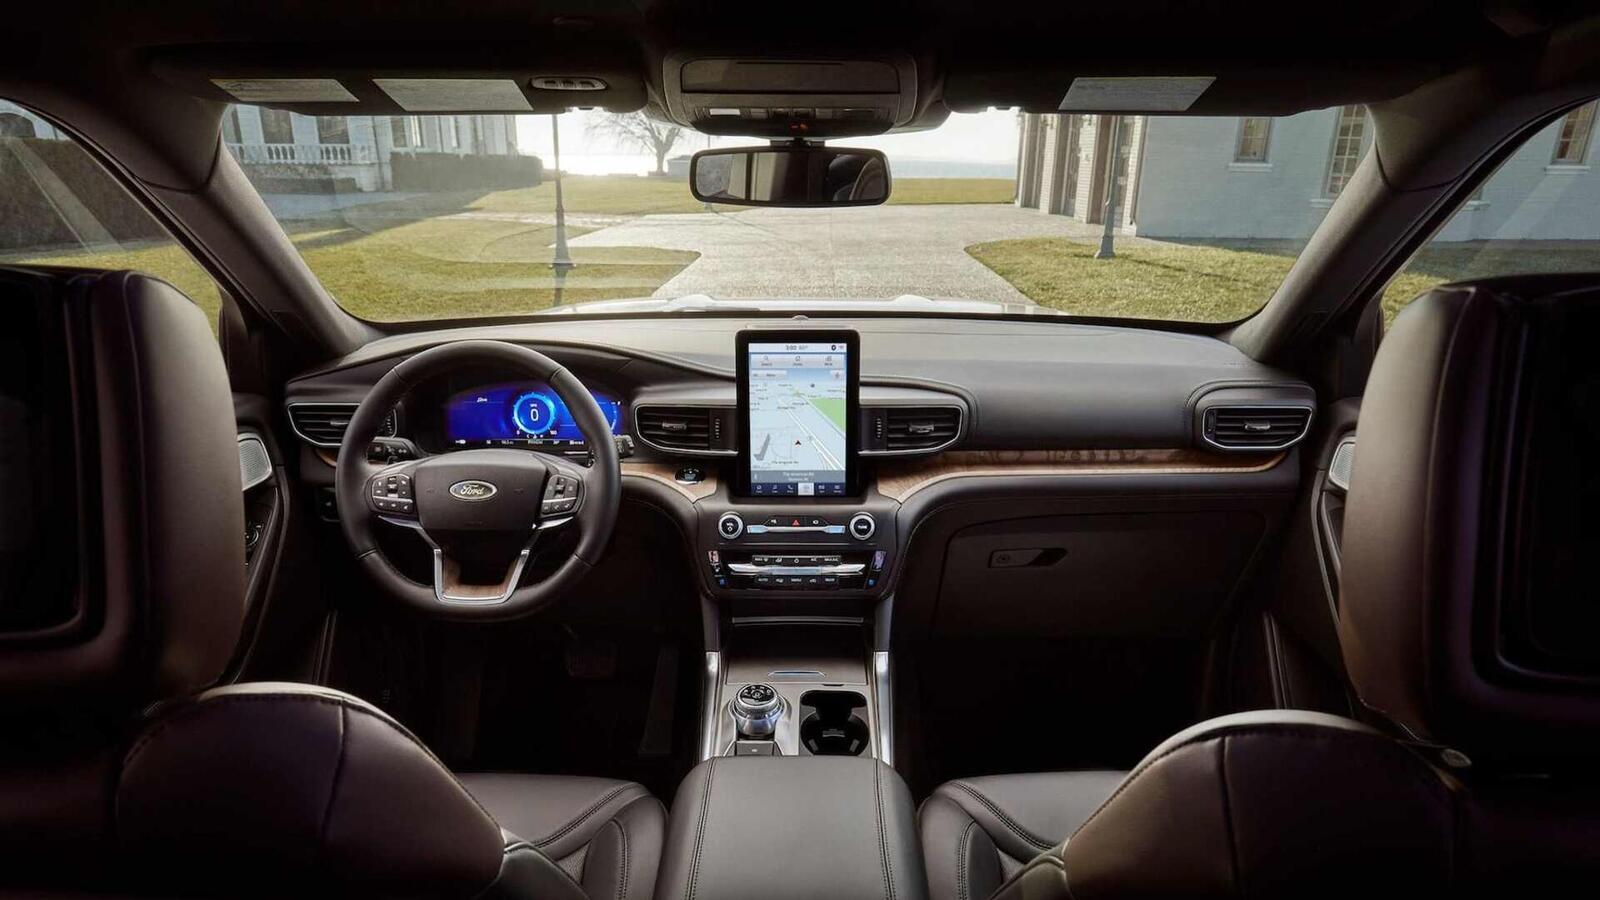 Ford Explorer 2020 thế hệ mới ra mắt; thiết kế mới và cải thiện khả năng vận hành - Hình 6